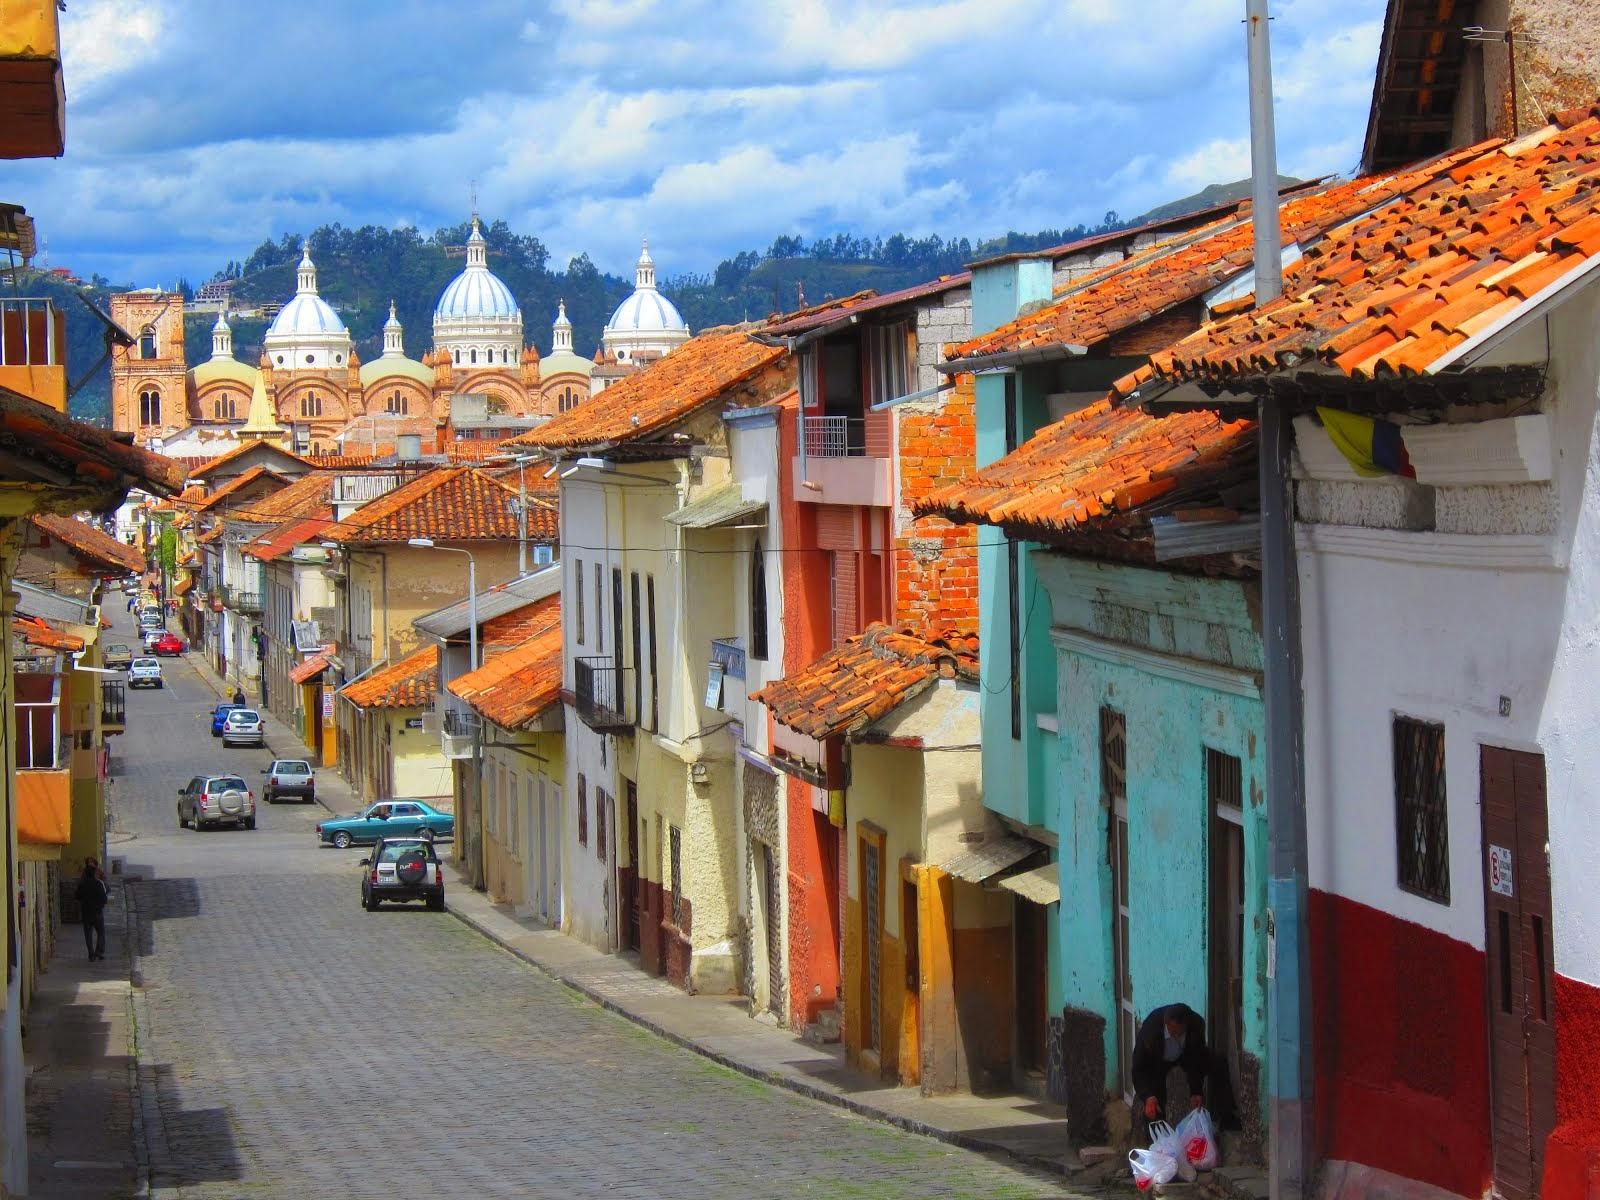 Next Stop: Cuenca, Ecuador!